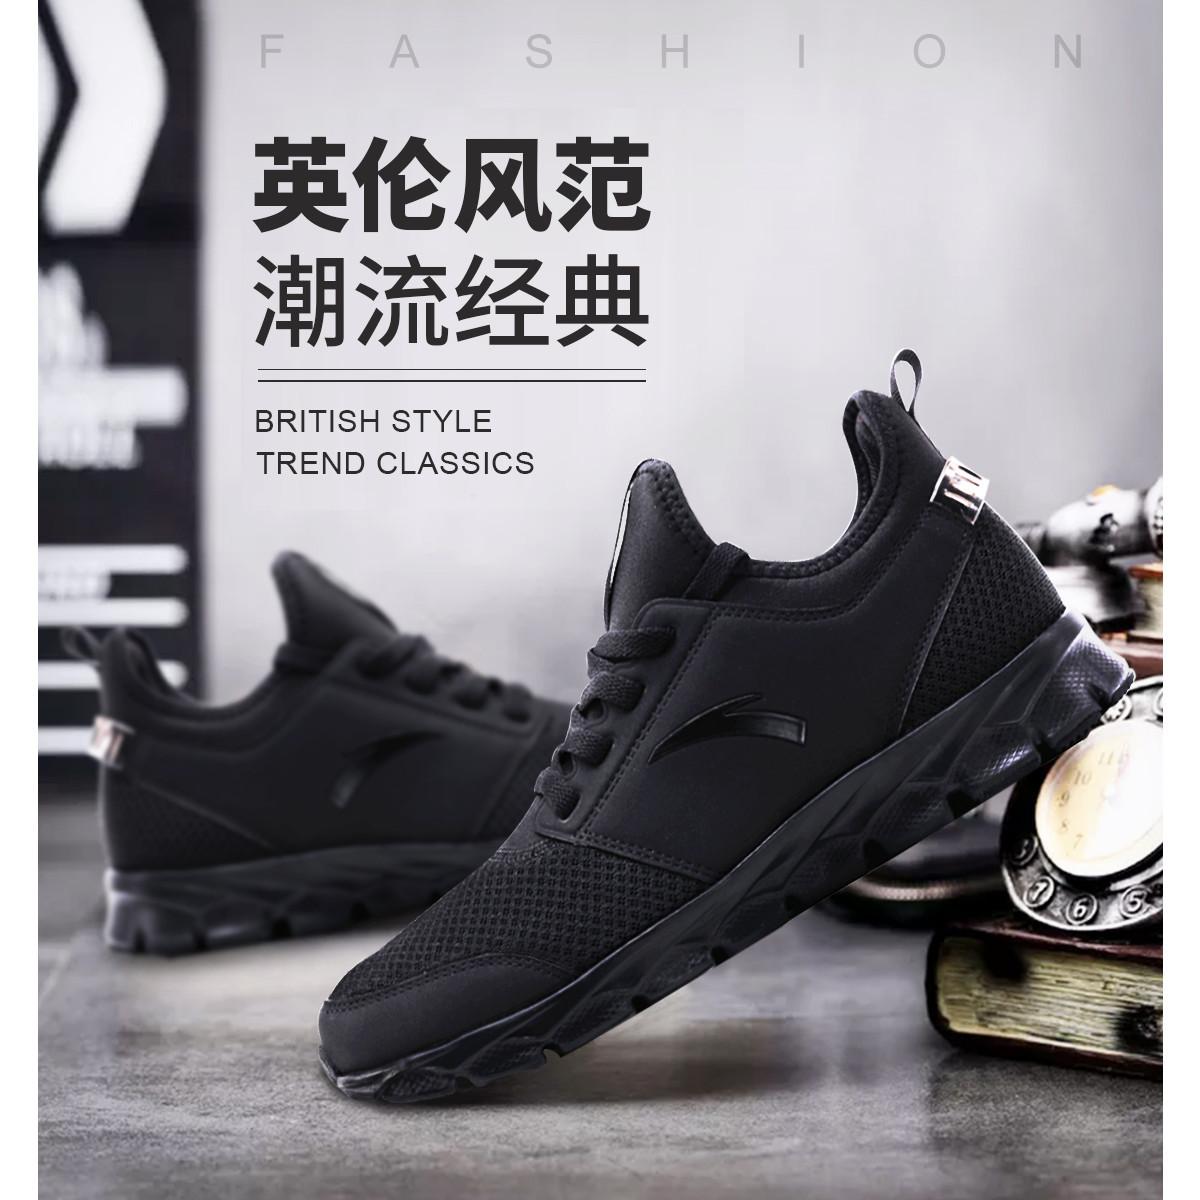 安踏男鞋运动鞋秋季透气跑步鞋2019新款官网面男士休闲黑色鞋子夏